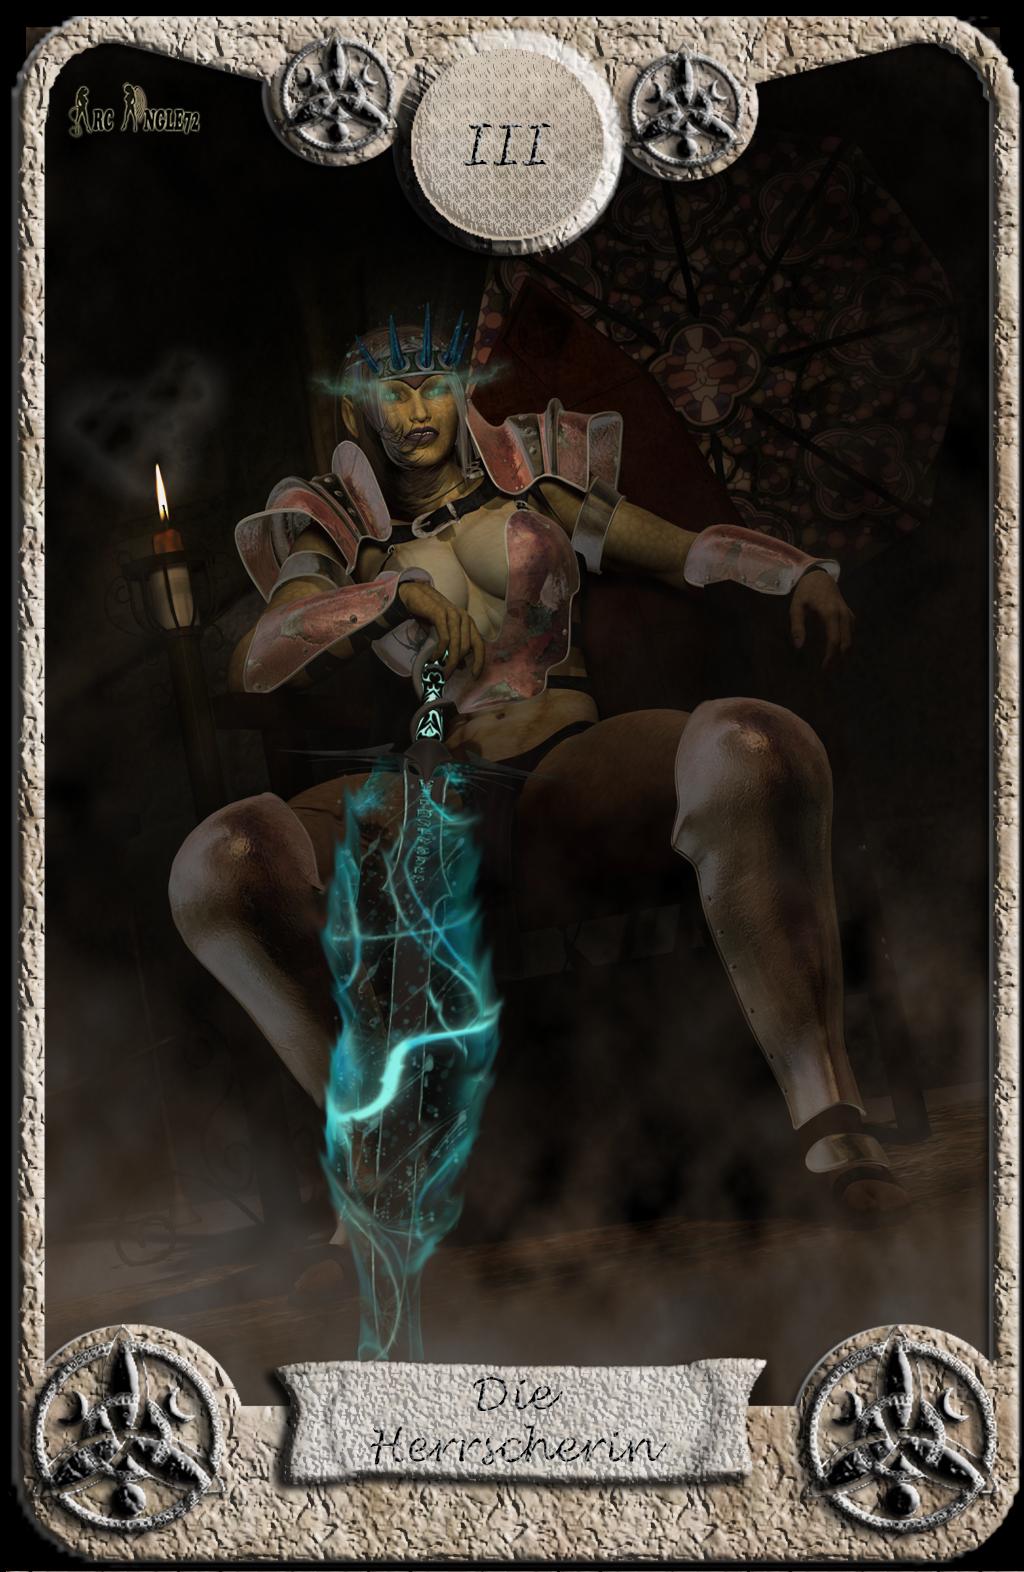 Abstimmung Battle Tarotkarten Tarotkarte_Die_Herrscherin